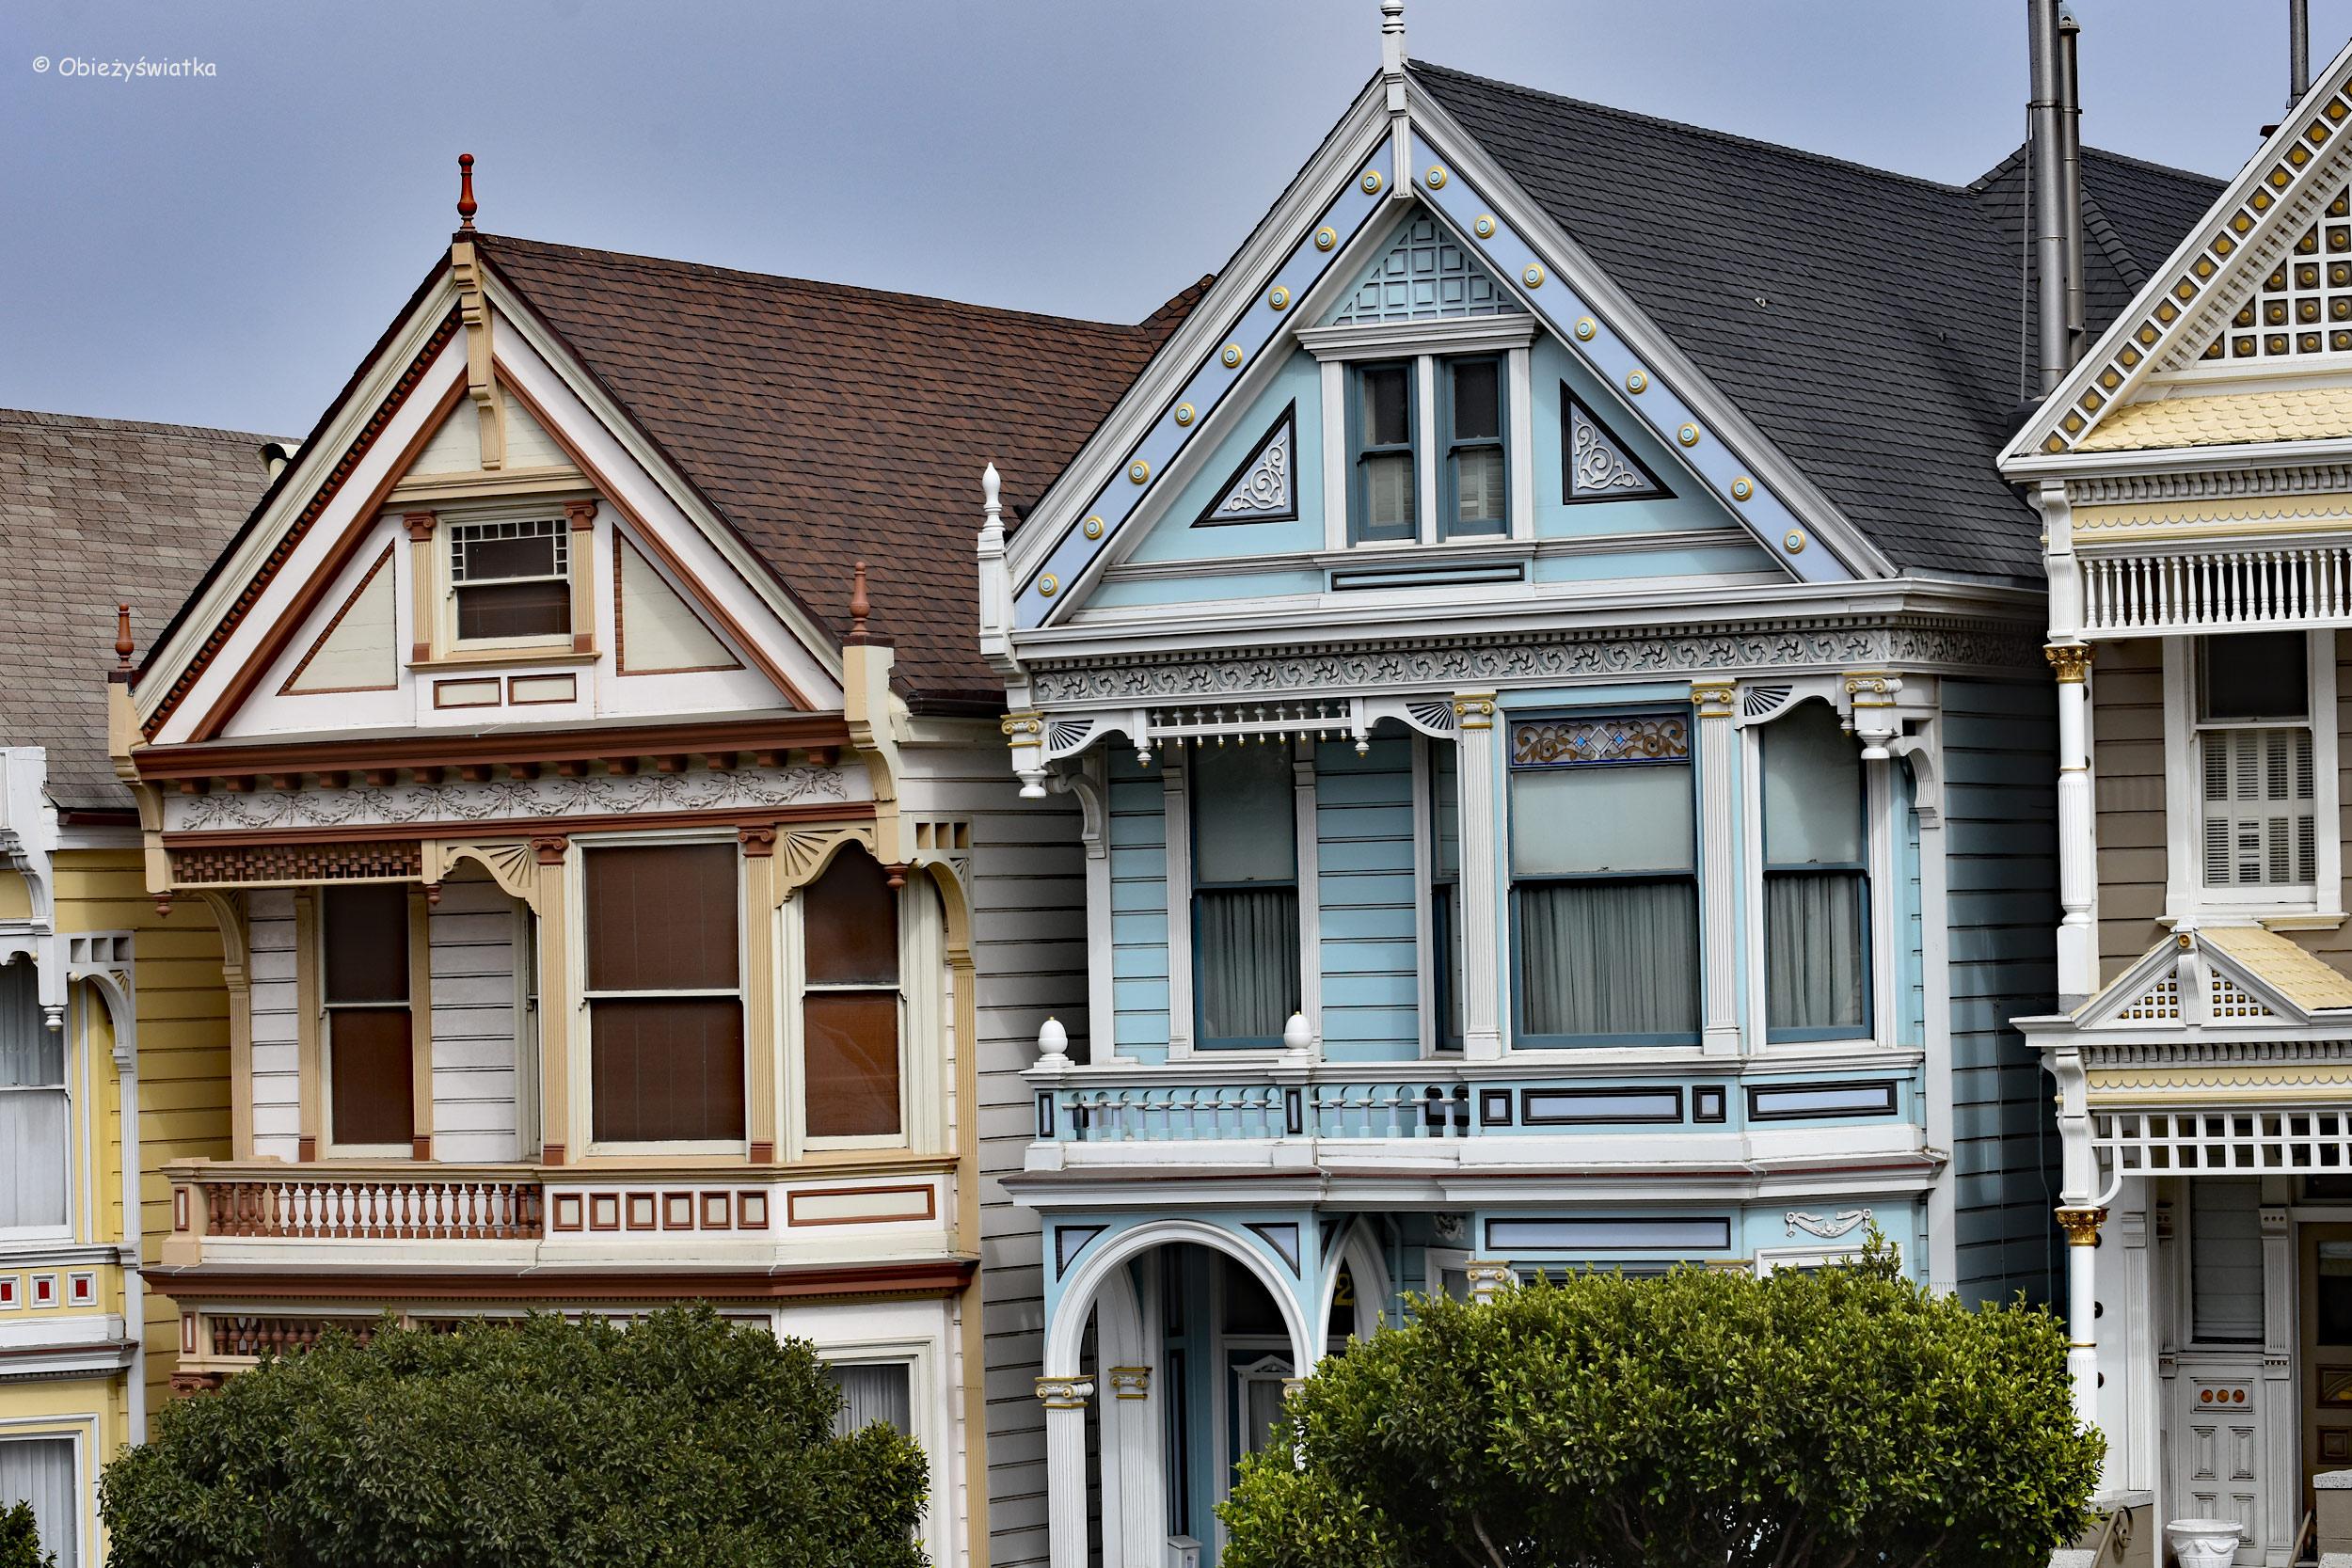 Painted Ladies, czyli Malowane Damy w San Francisco